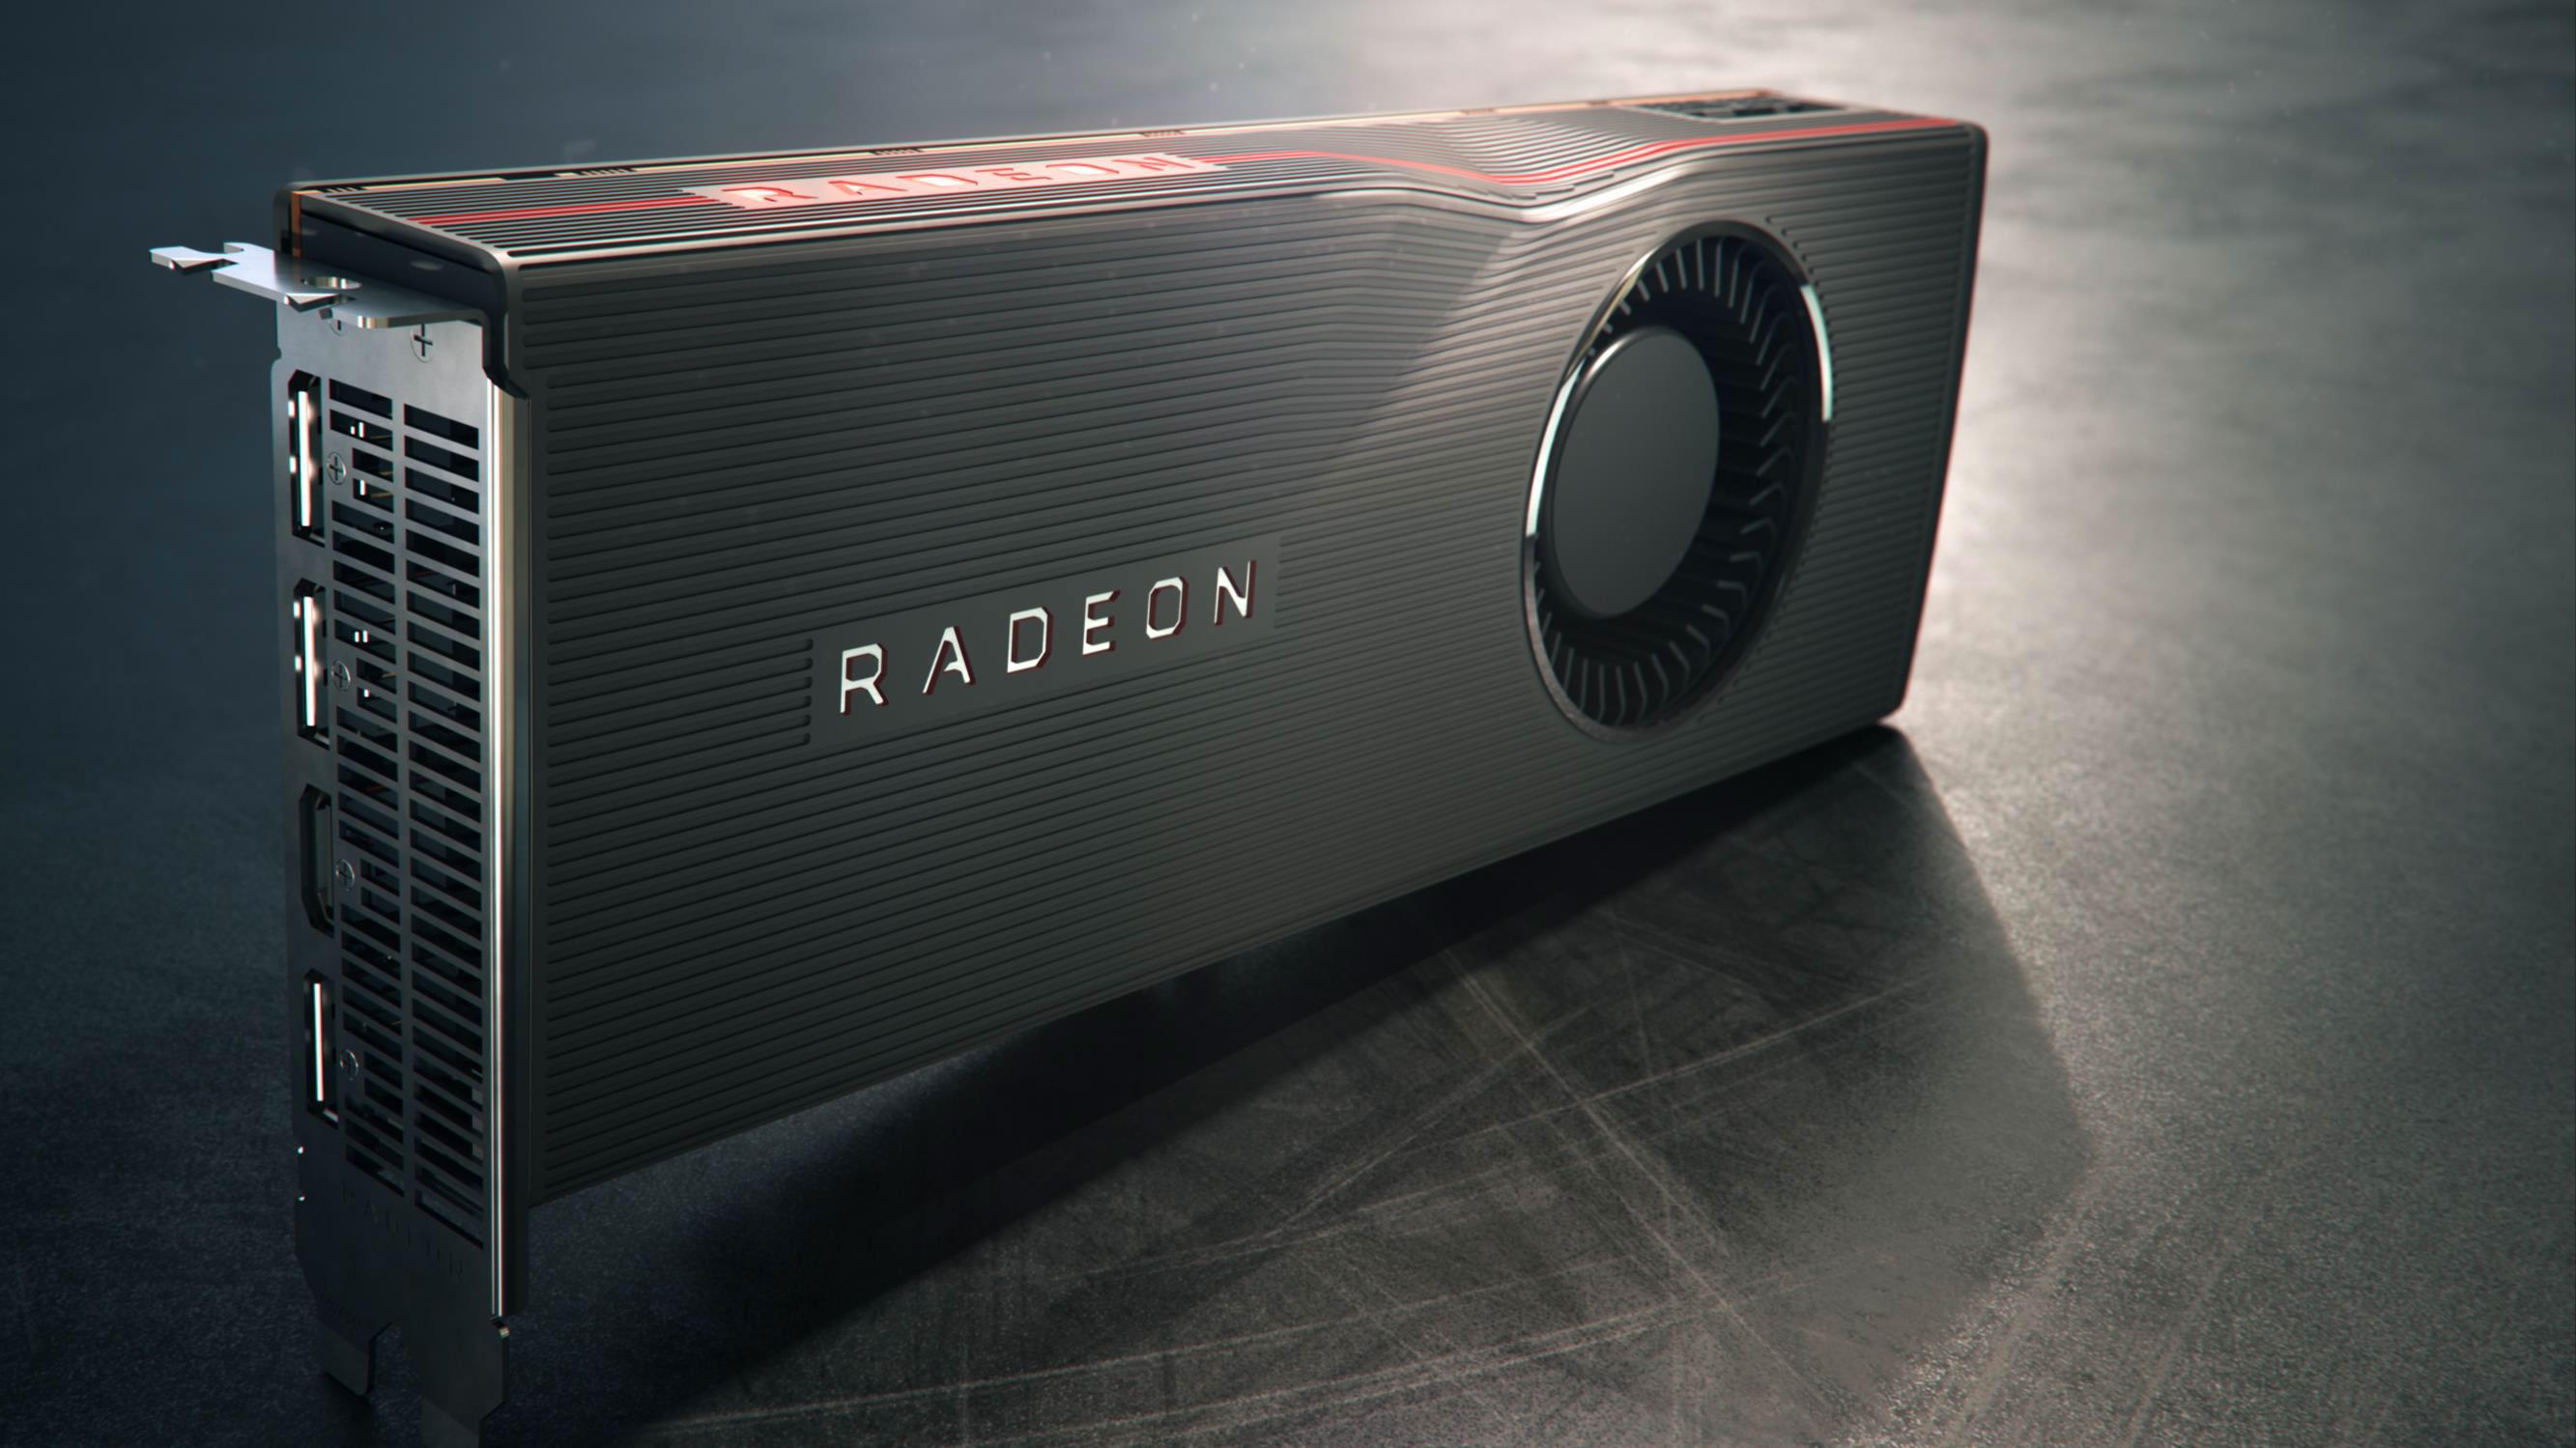 مدلهای سفارشی Radeon RX 5700 XT Pulse از جانب کمپانیها معرفی شد